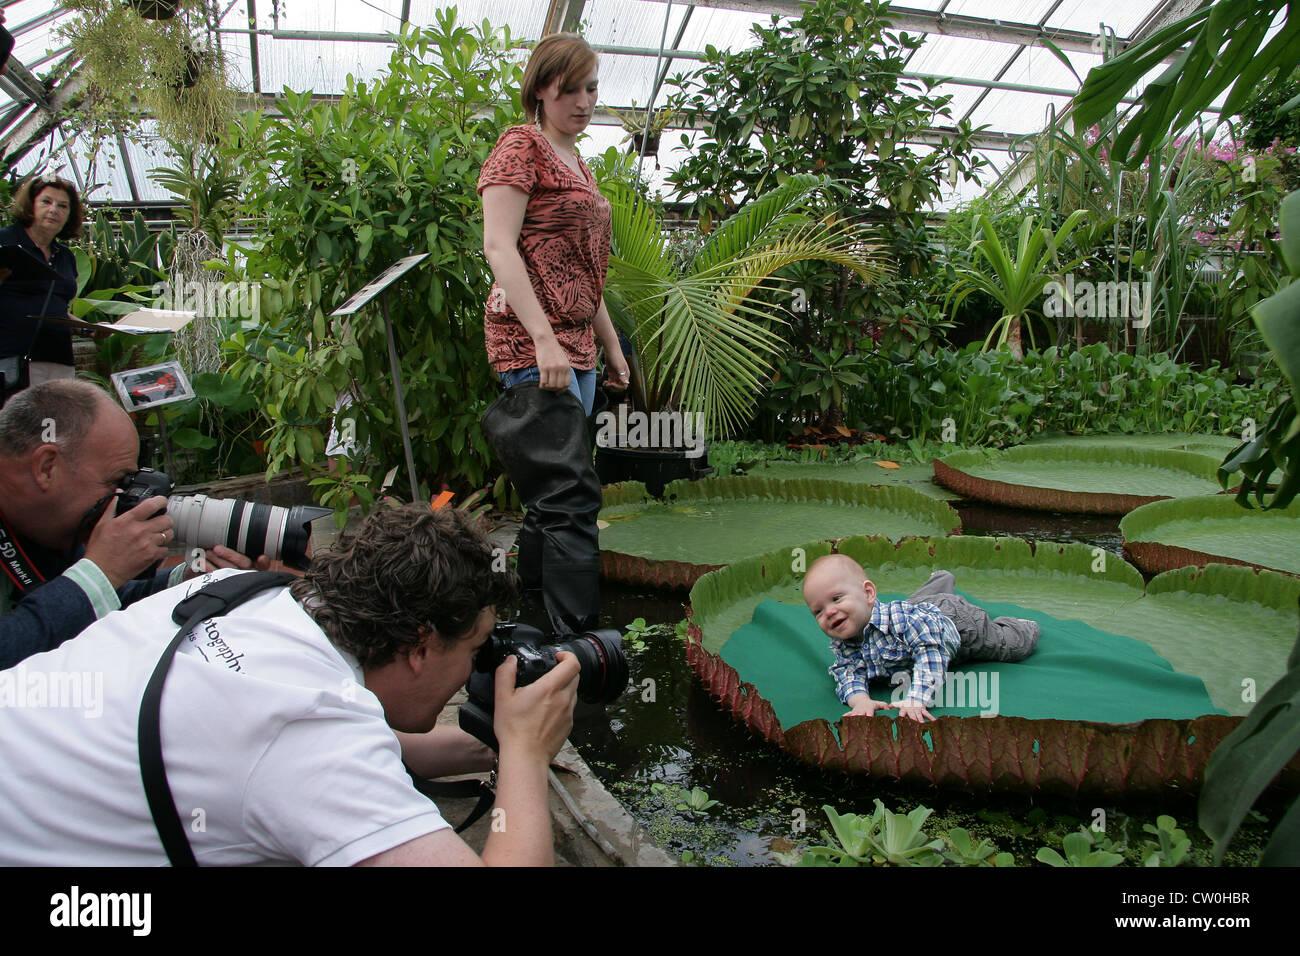 Victoria amazonica Amazonica.Baby.Photography.Hortus botanicus.baby photo.Netherlands. - Stock Image